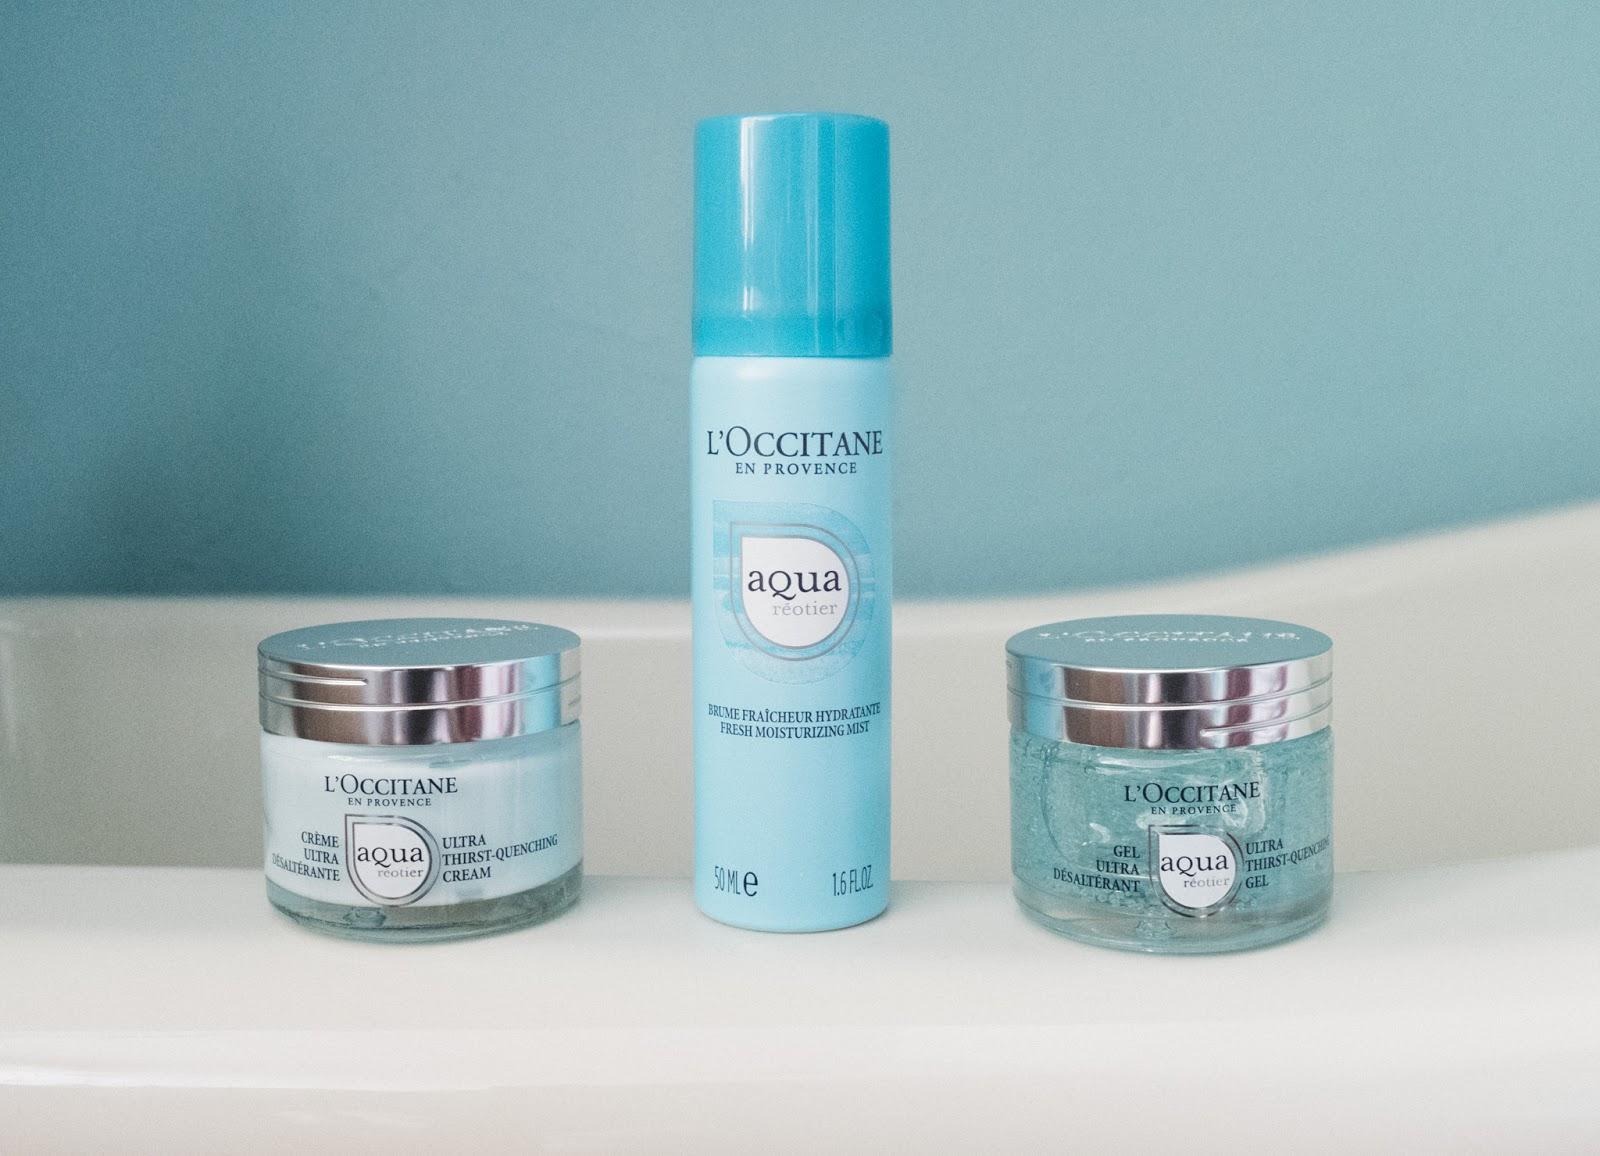 L'Occitane Aqua Réotier Collection